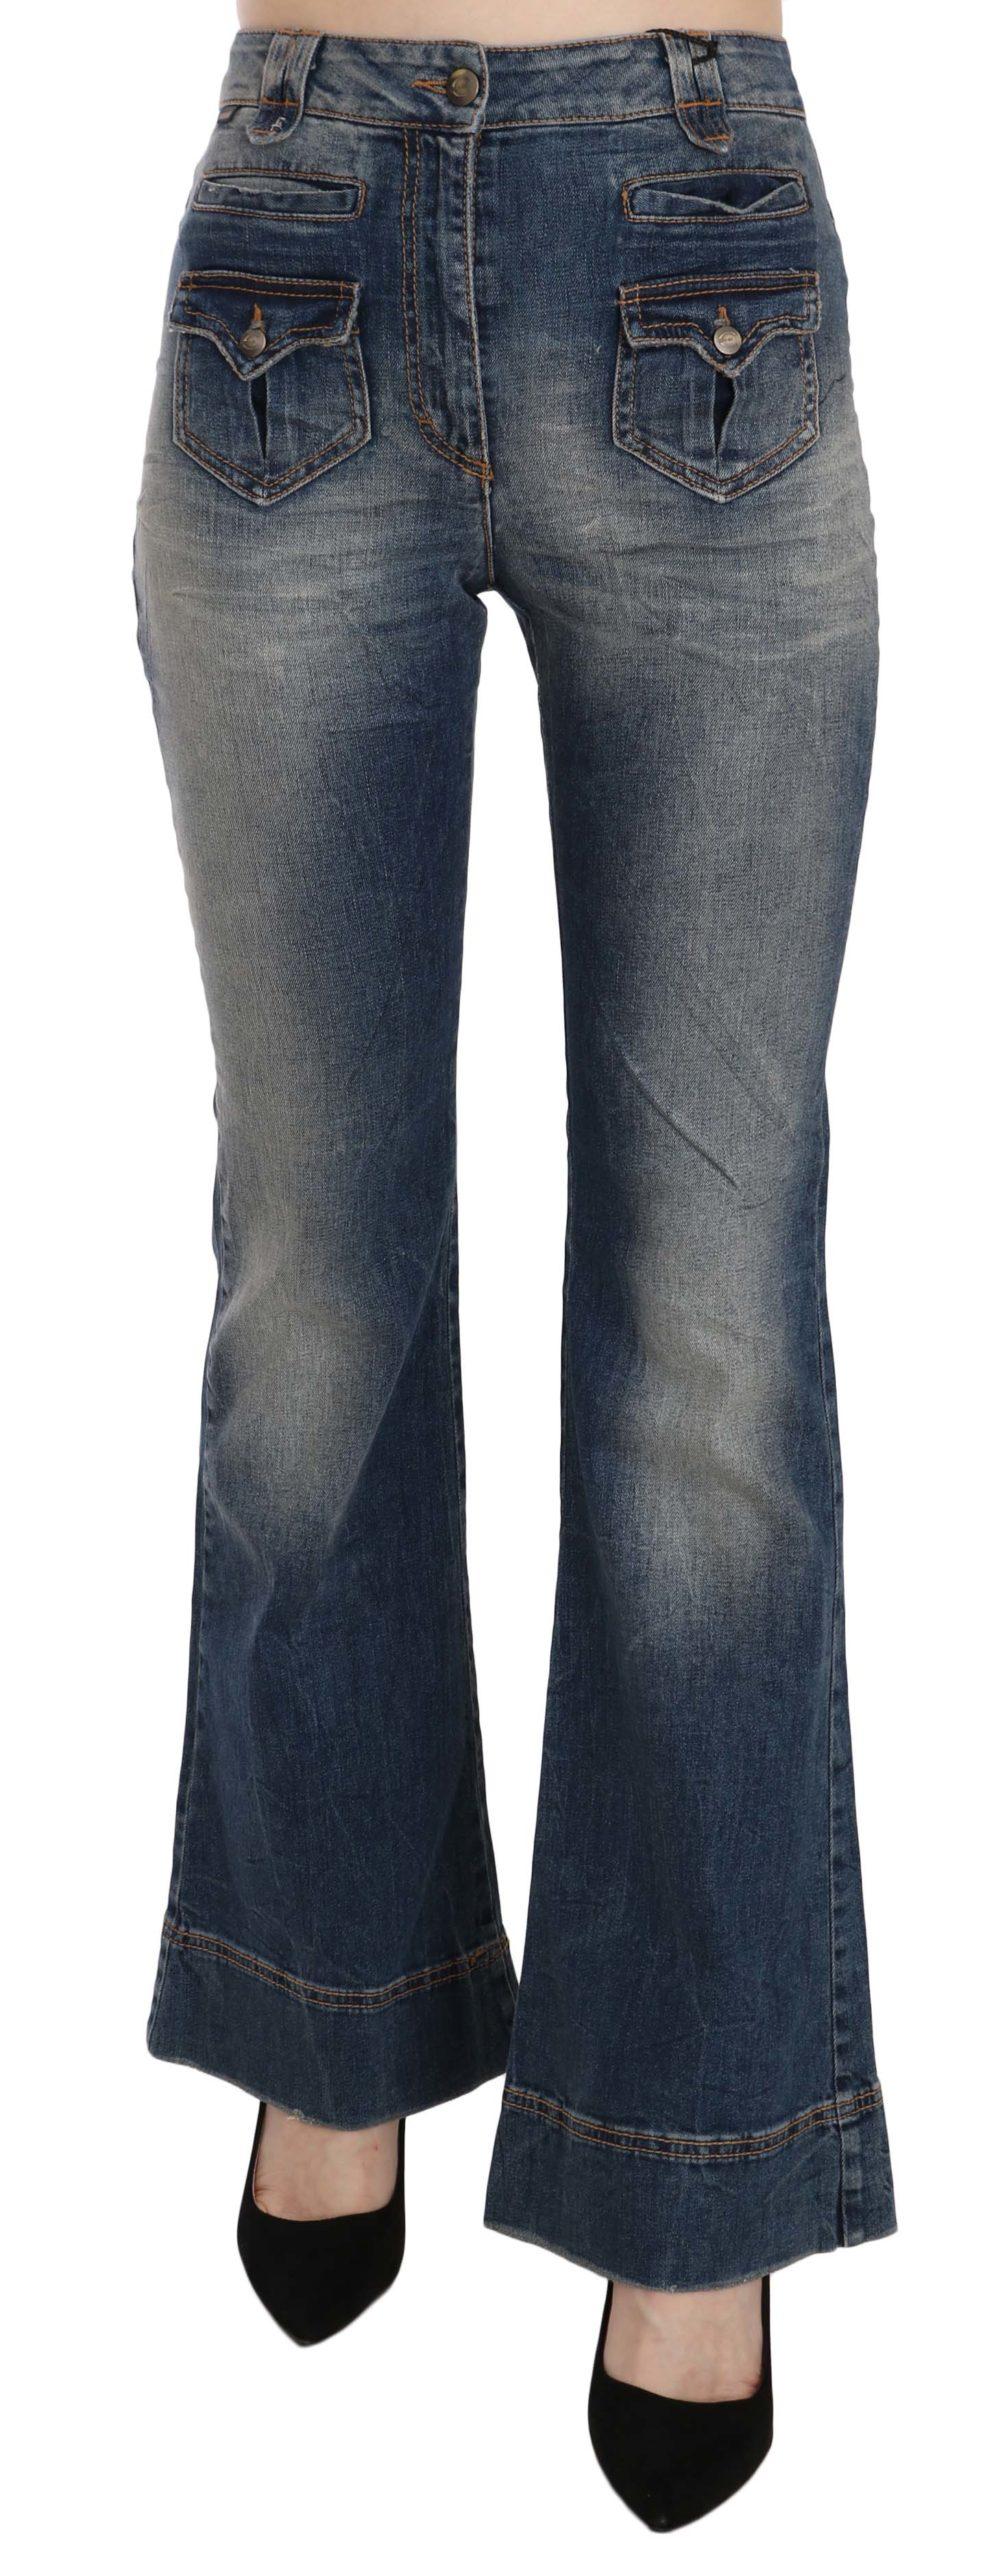 Just Cavalli Women's High Waist Flared Denim Trouser Blue PAN70333 - W26